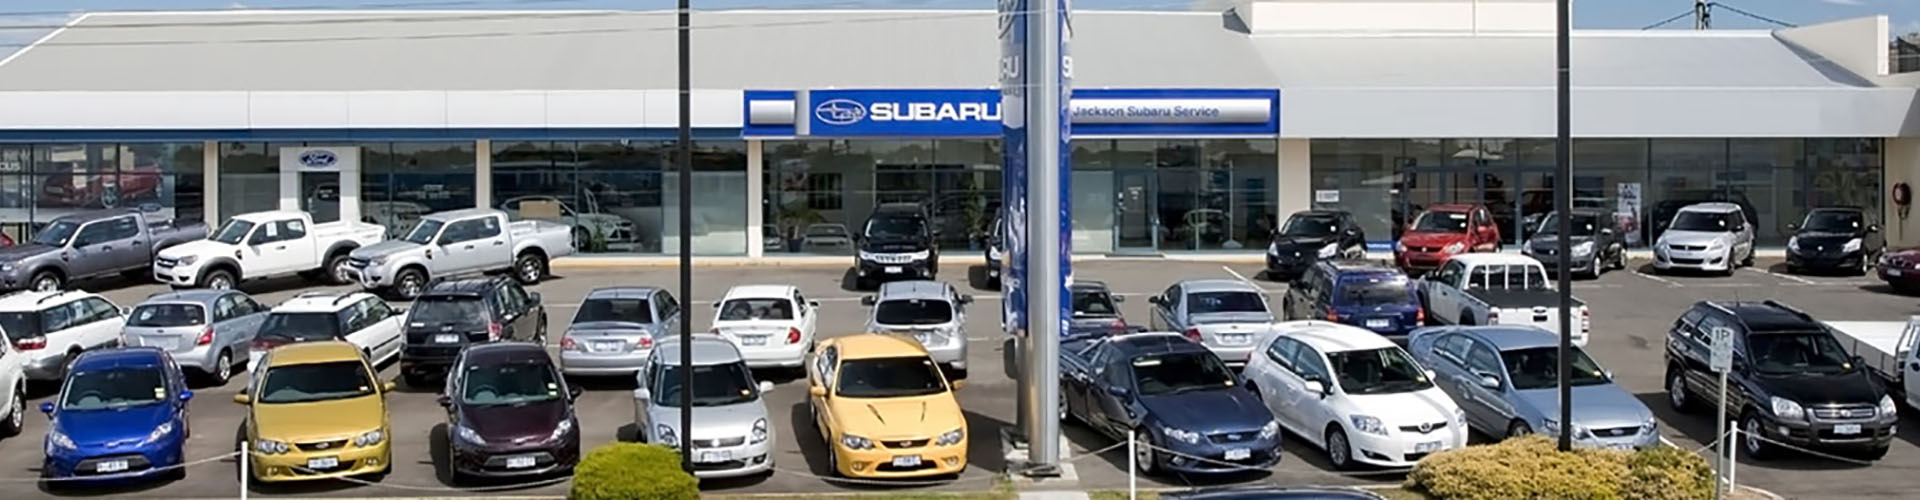 Jackson Subaru